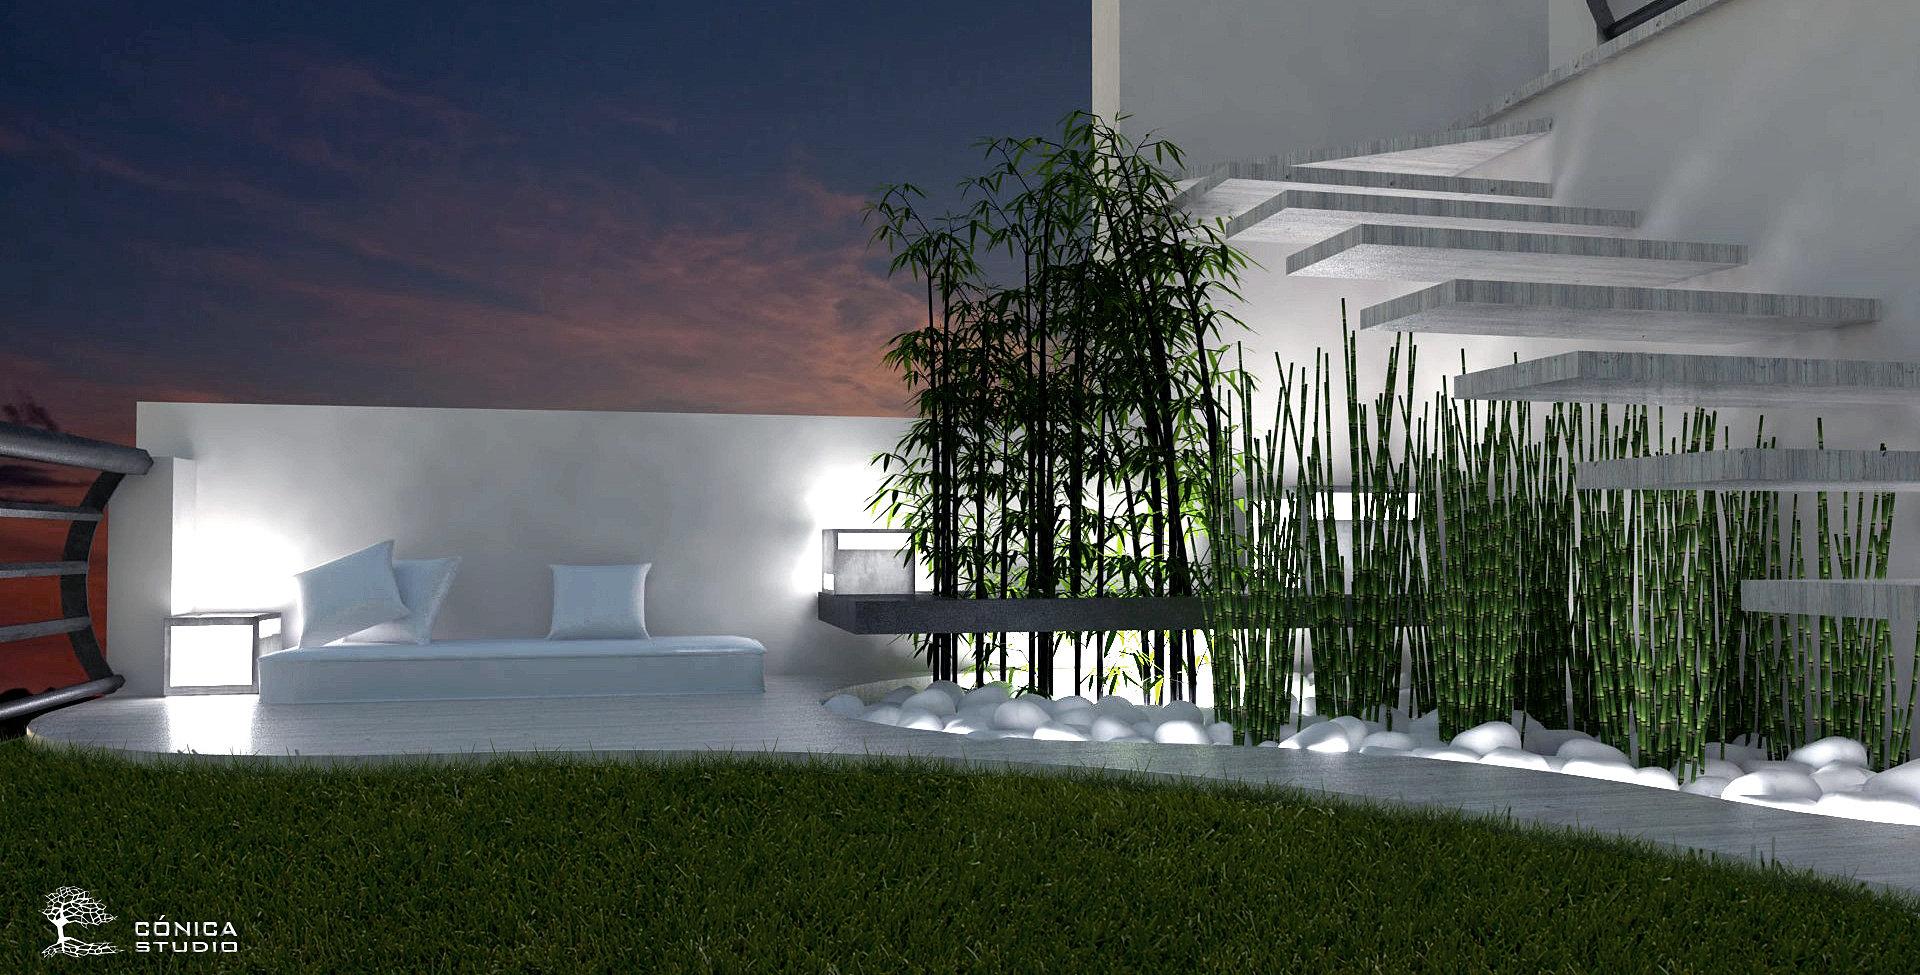 Conica studio dise o de interiores dise o de jardines - Diseno de jardines interiores ...